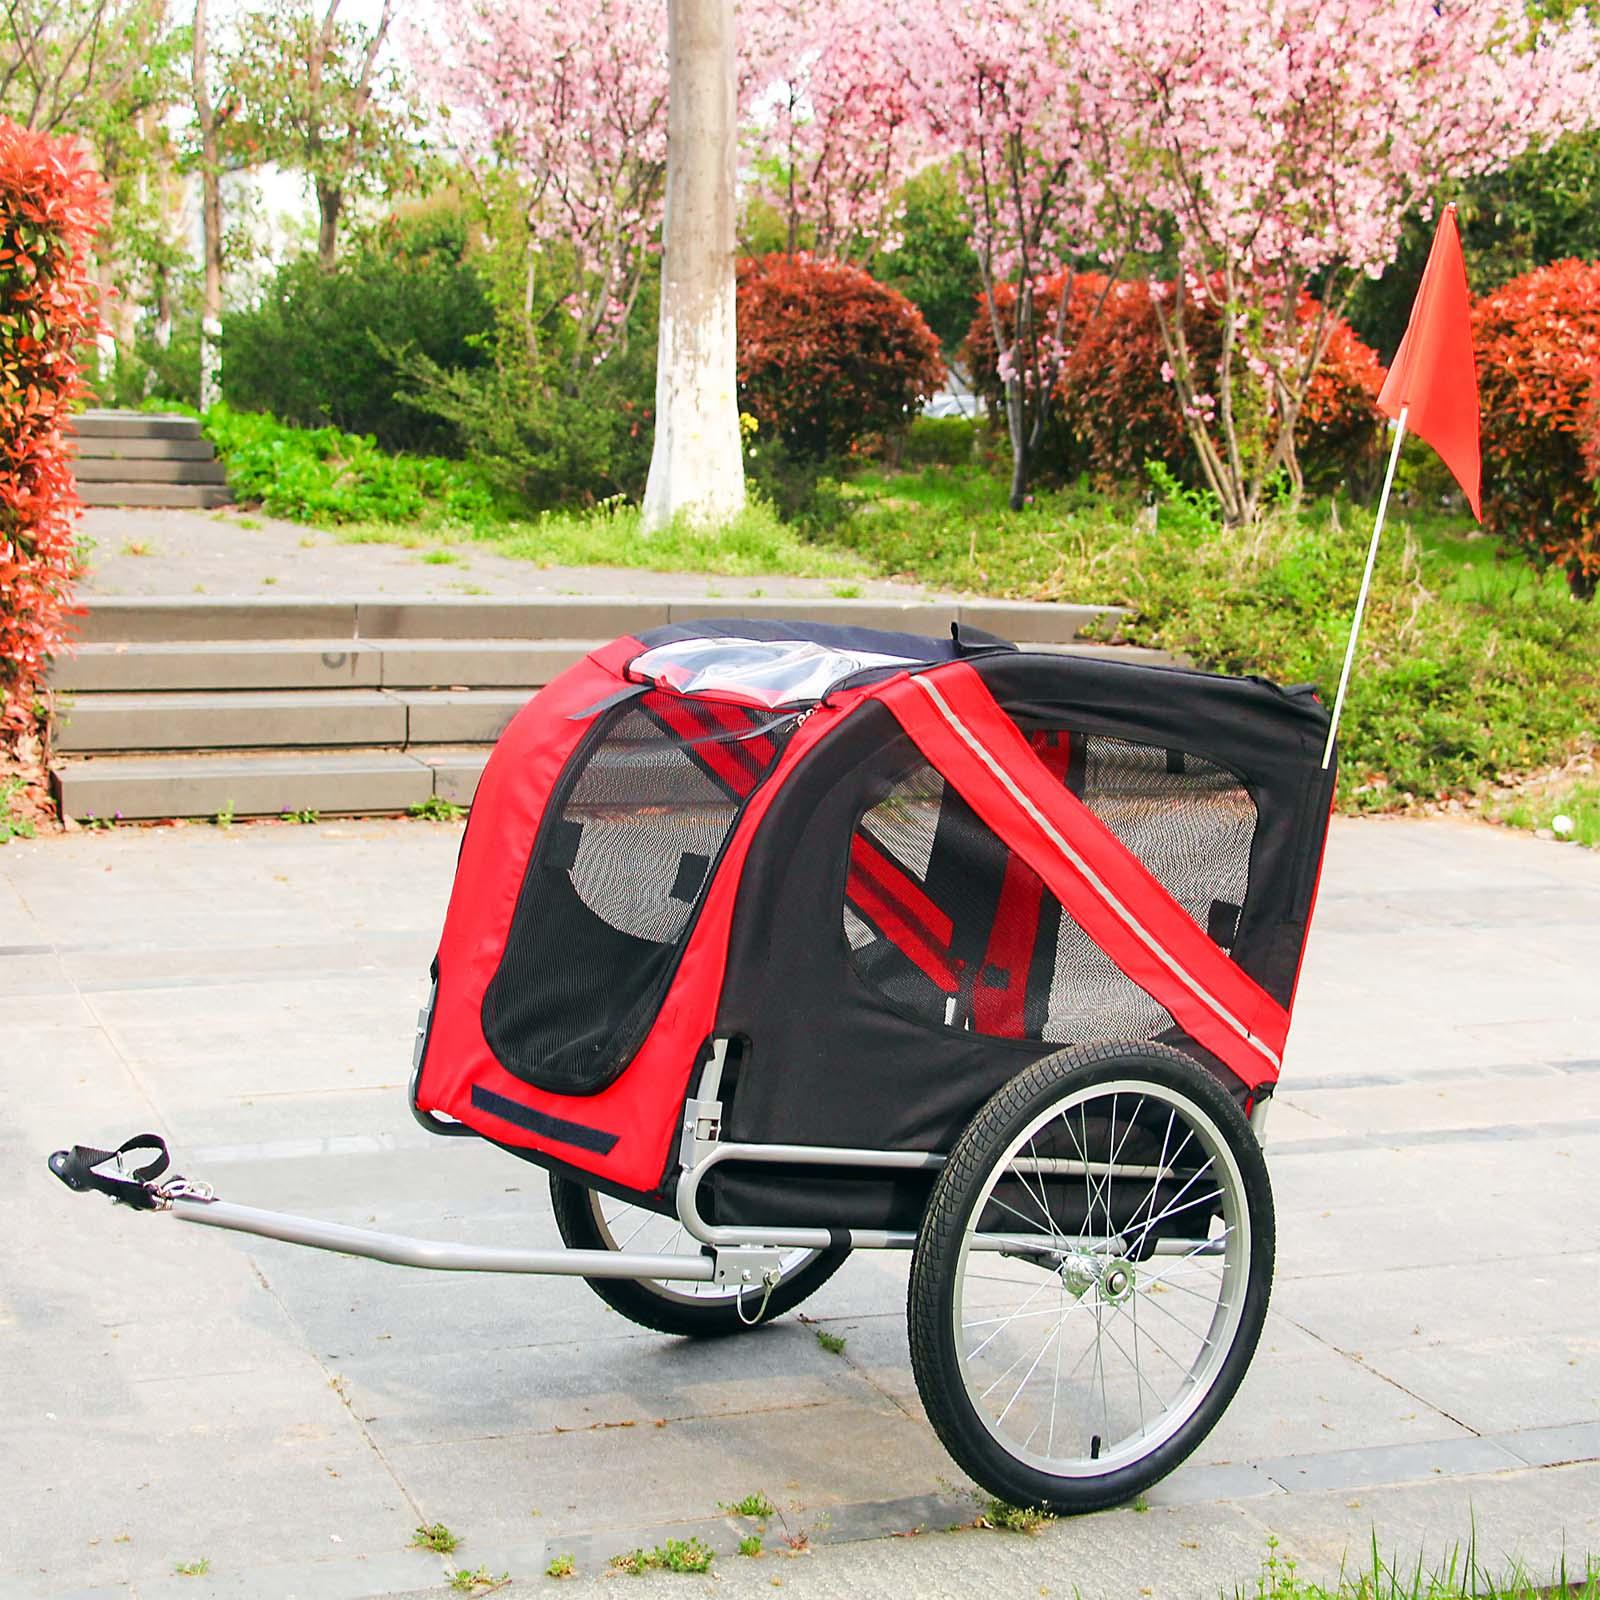 hund fahrradanh nger hundeanh nger anh nger hundetransporter fahrrad anh nger ebay. Black Bedroom Furniture Sets. Home Design Ideas